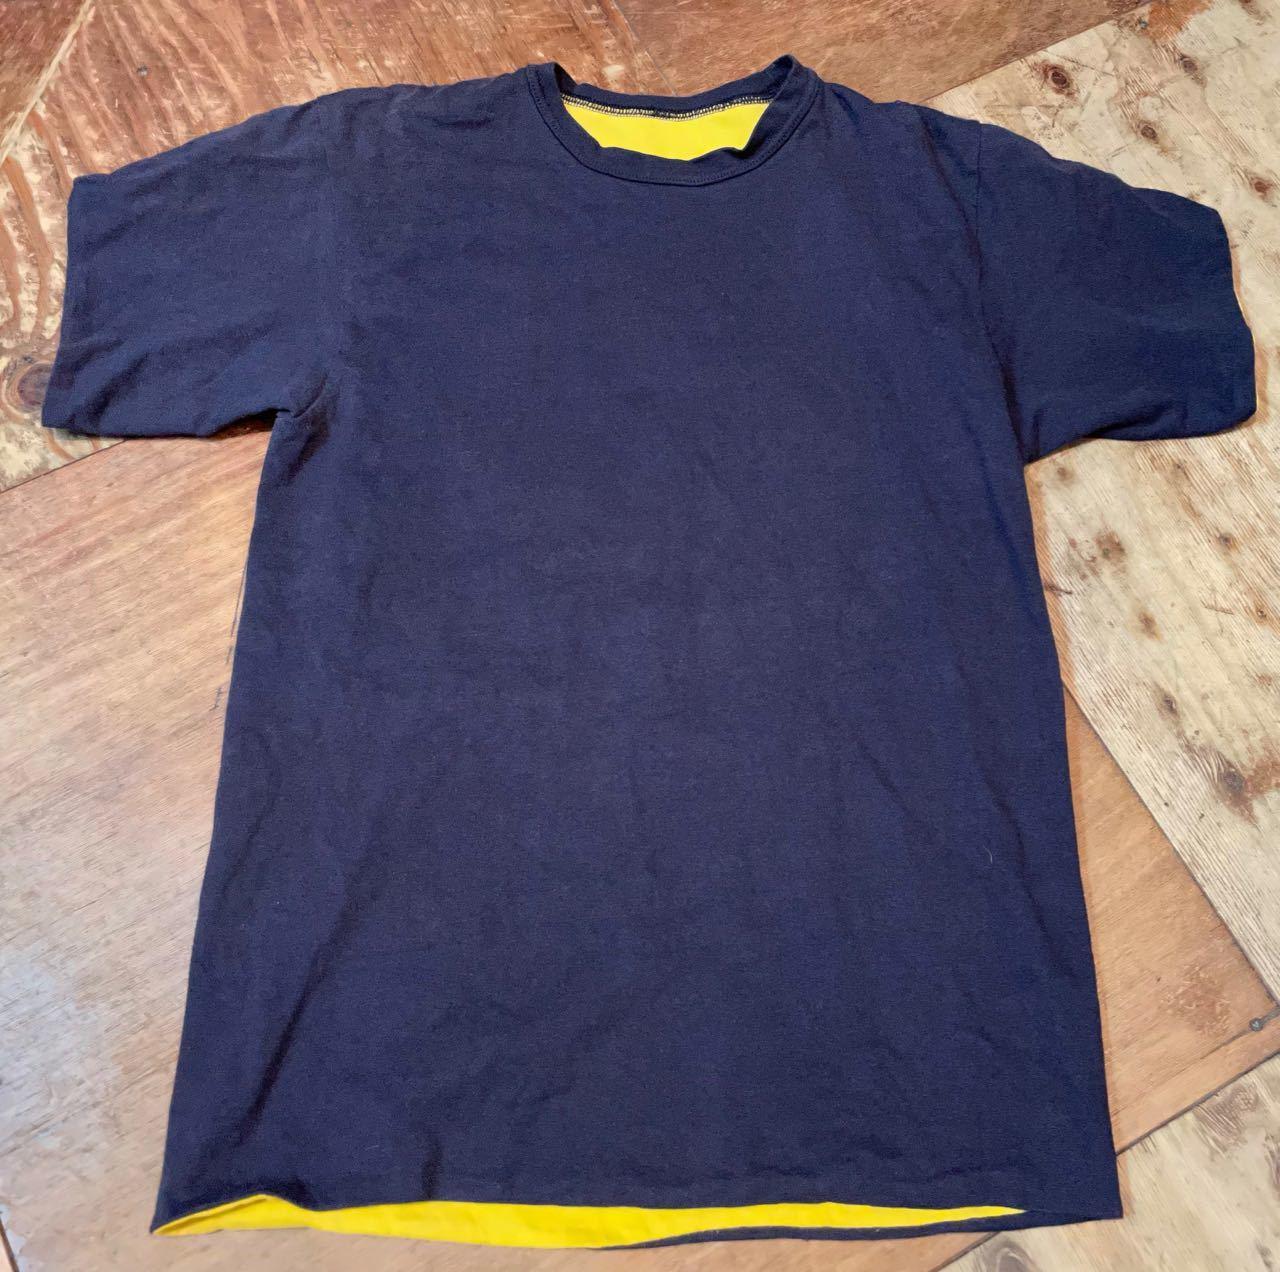 6月5日(土)入荷!all cotton U.S NAVY シールズ リバーシブル Tシャツ!_c0144020_14110795.jpg